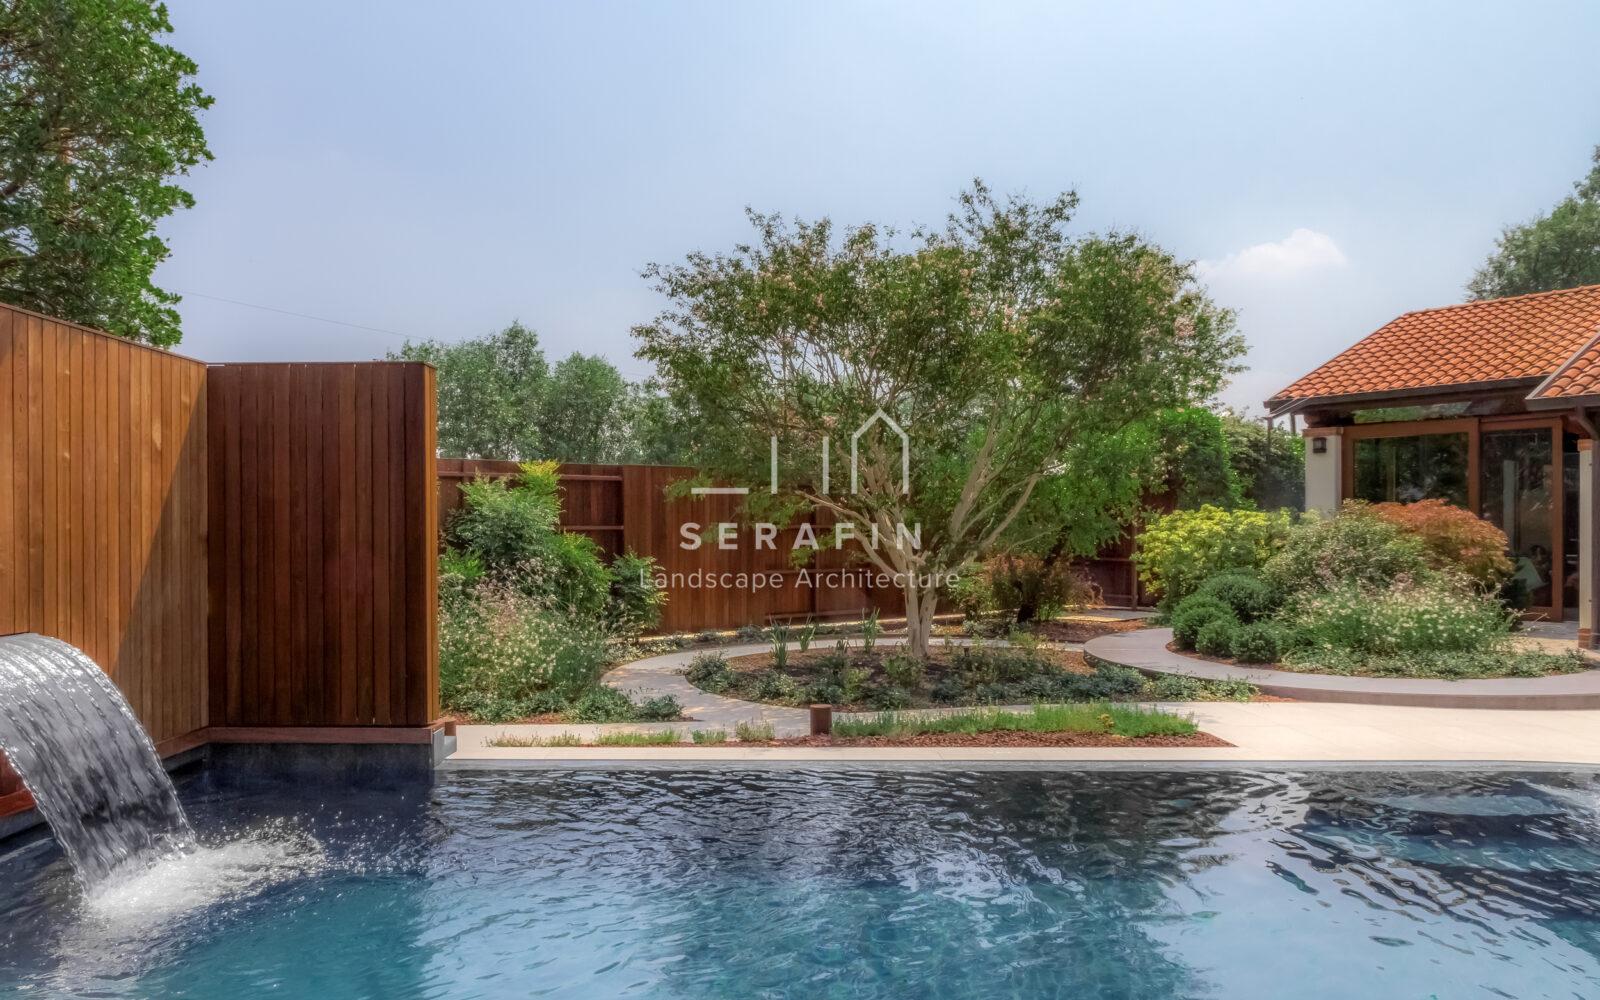 9e51af45d0bc progetto-giardino-esclusivo-con-piscina-santa-maria-di-sala-2-1600x1000.jpg